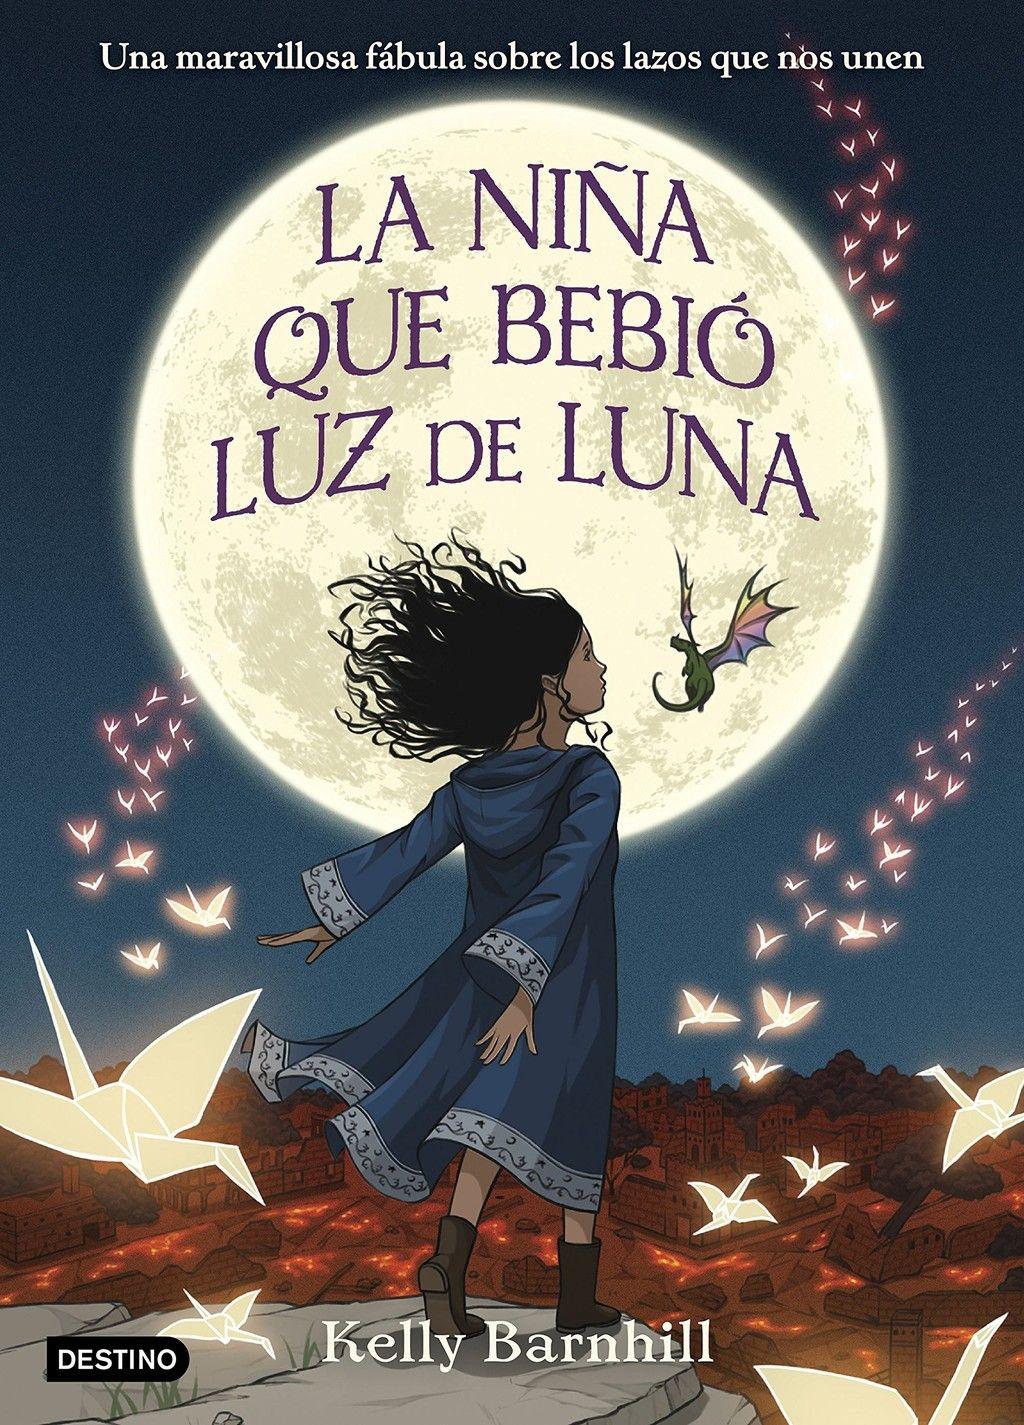 21 Libros Recomendados Para Adolescentes De 12 A 15 Años Libros Para Jovenes Libros Para Adolescentes Libros Para Niños